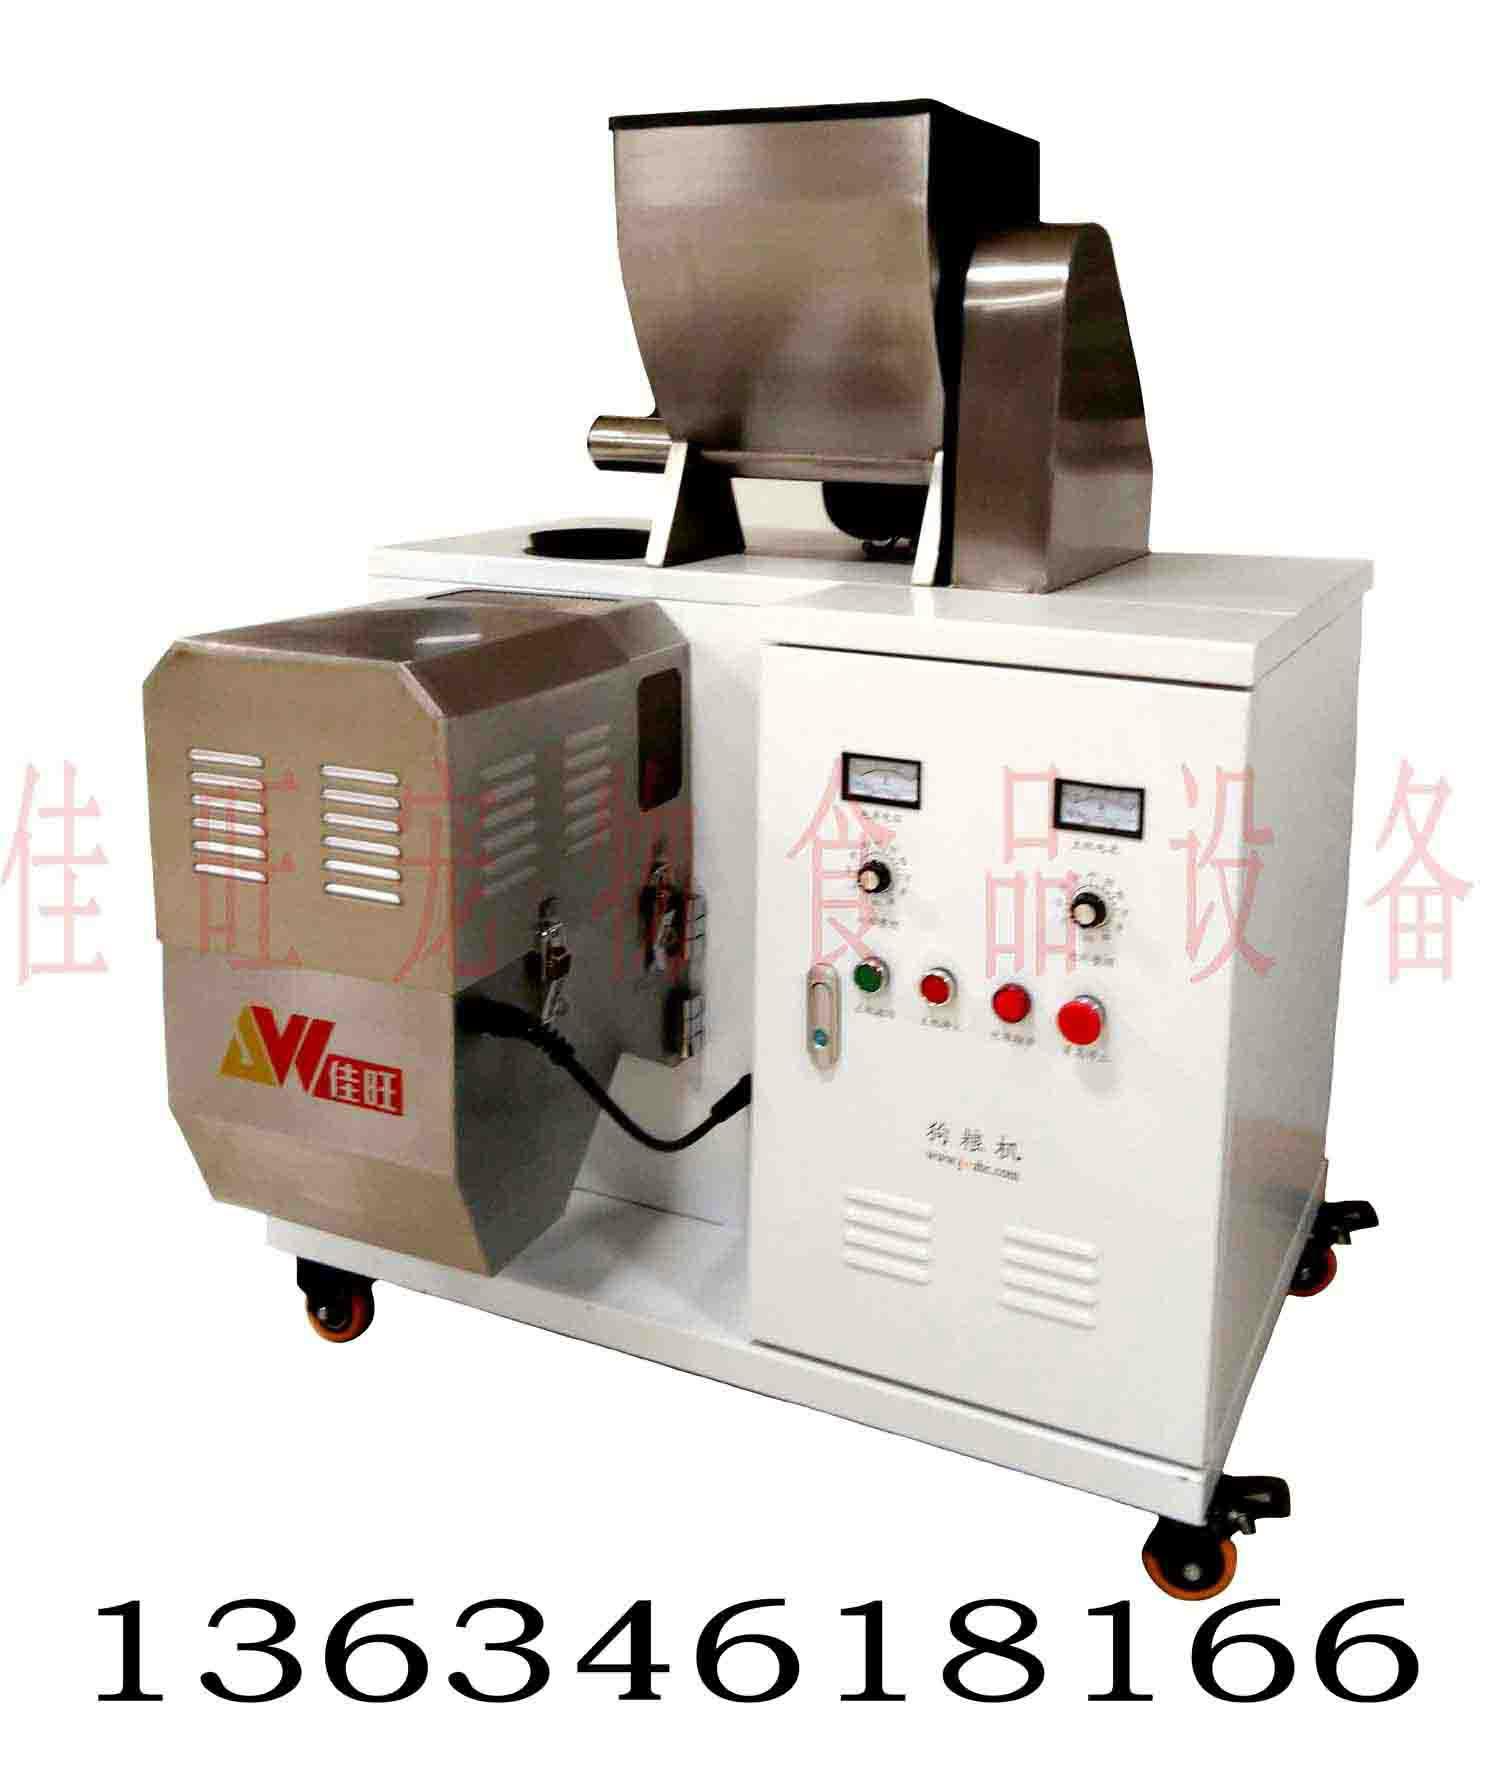 佳旺150E-D动力电狗粮机 5